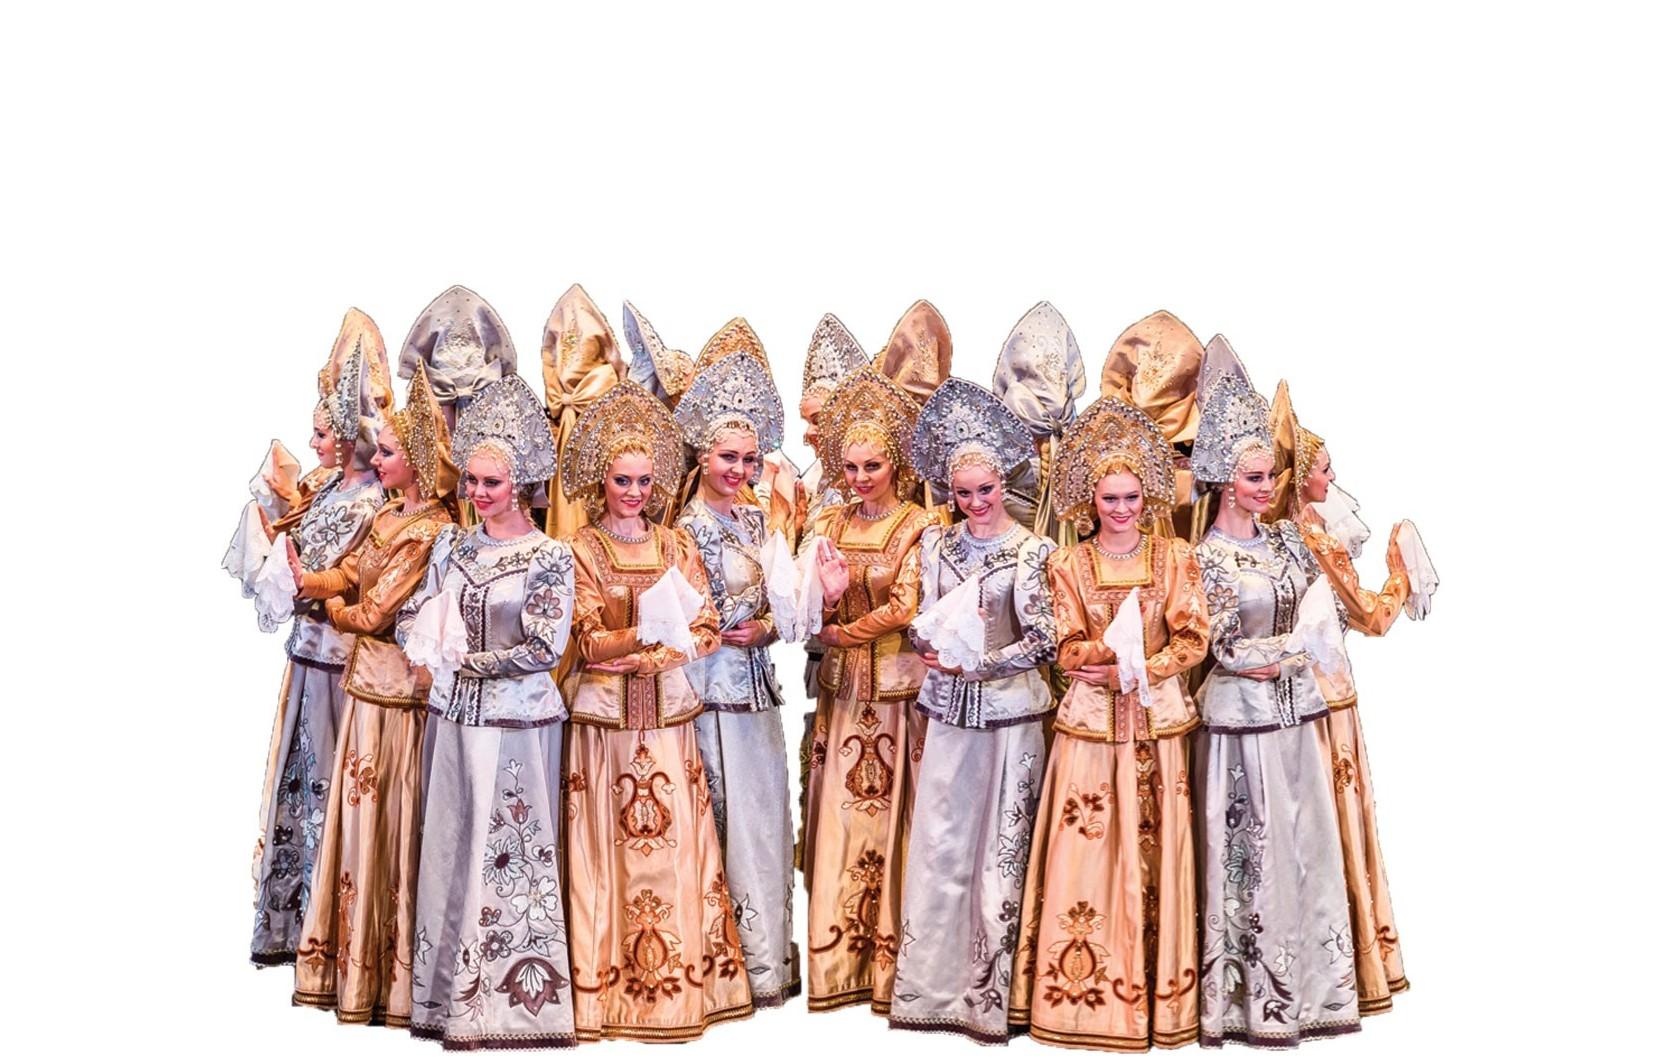 Купить билет в Кремлевский дворец на концерт Березка